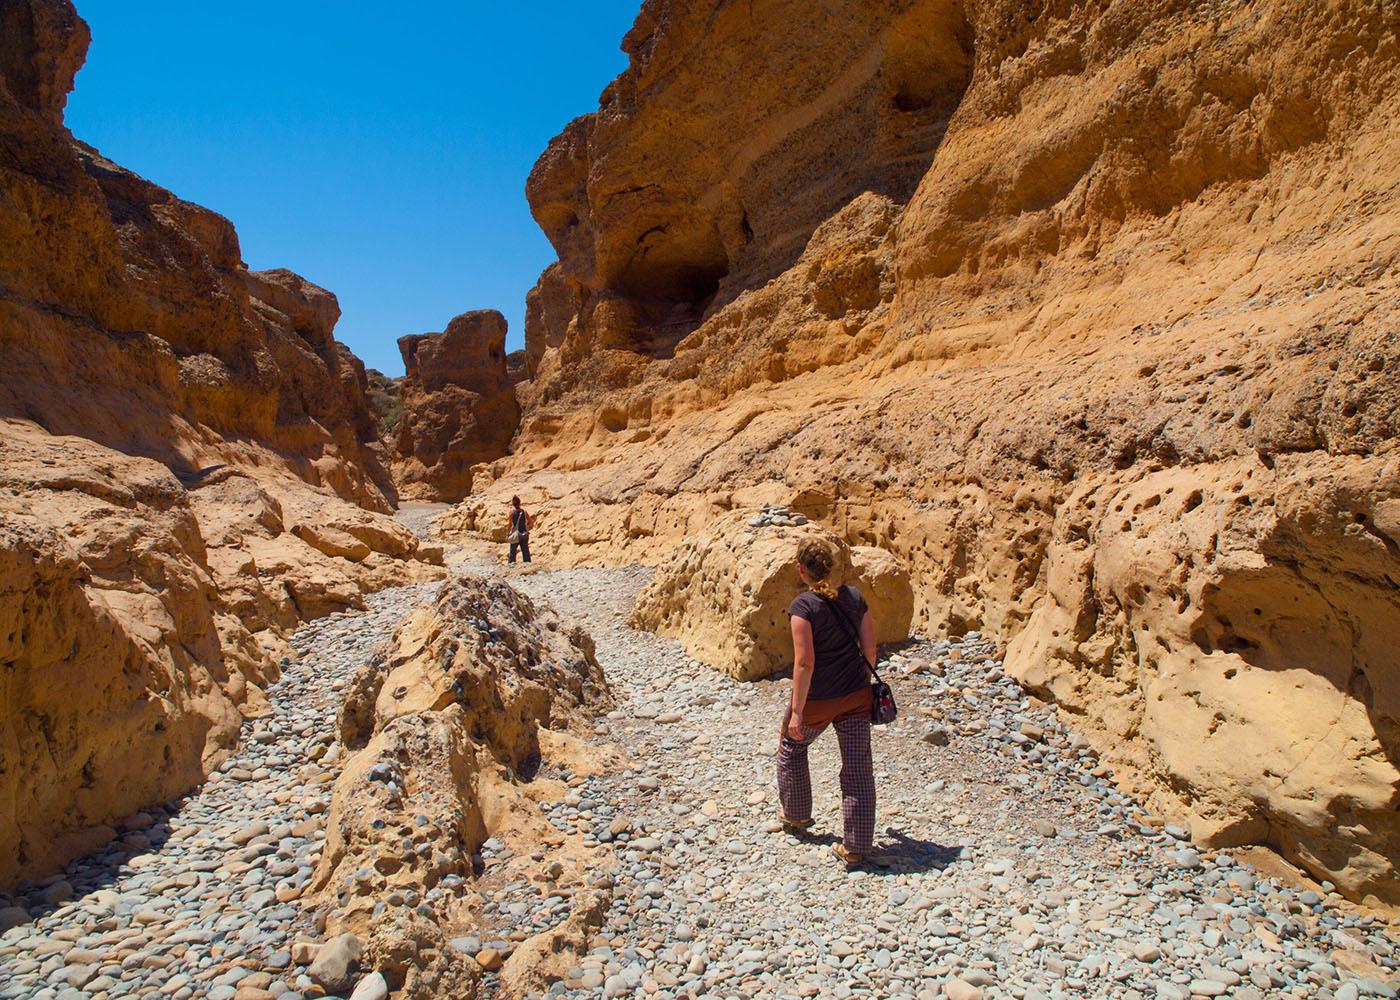 Namibie, désert du Namib, femme en randonnée dans le canyon de Sesriem près de Sossusvlei, façonné par la rivière Tsauchab